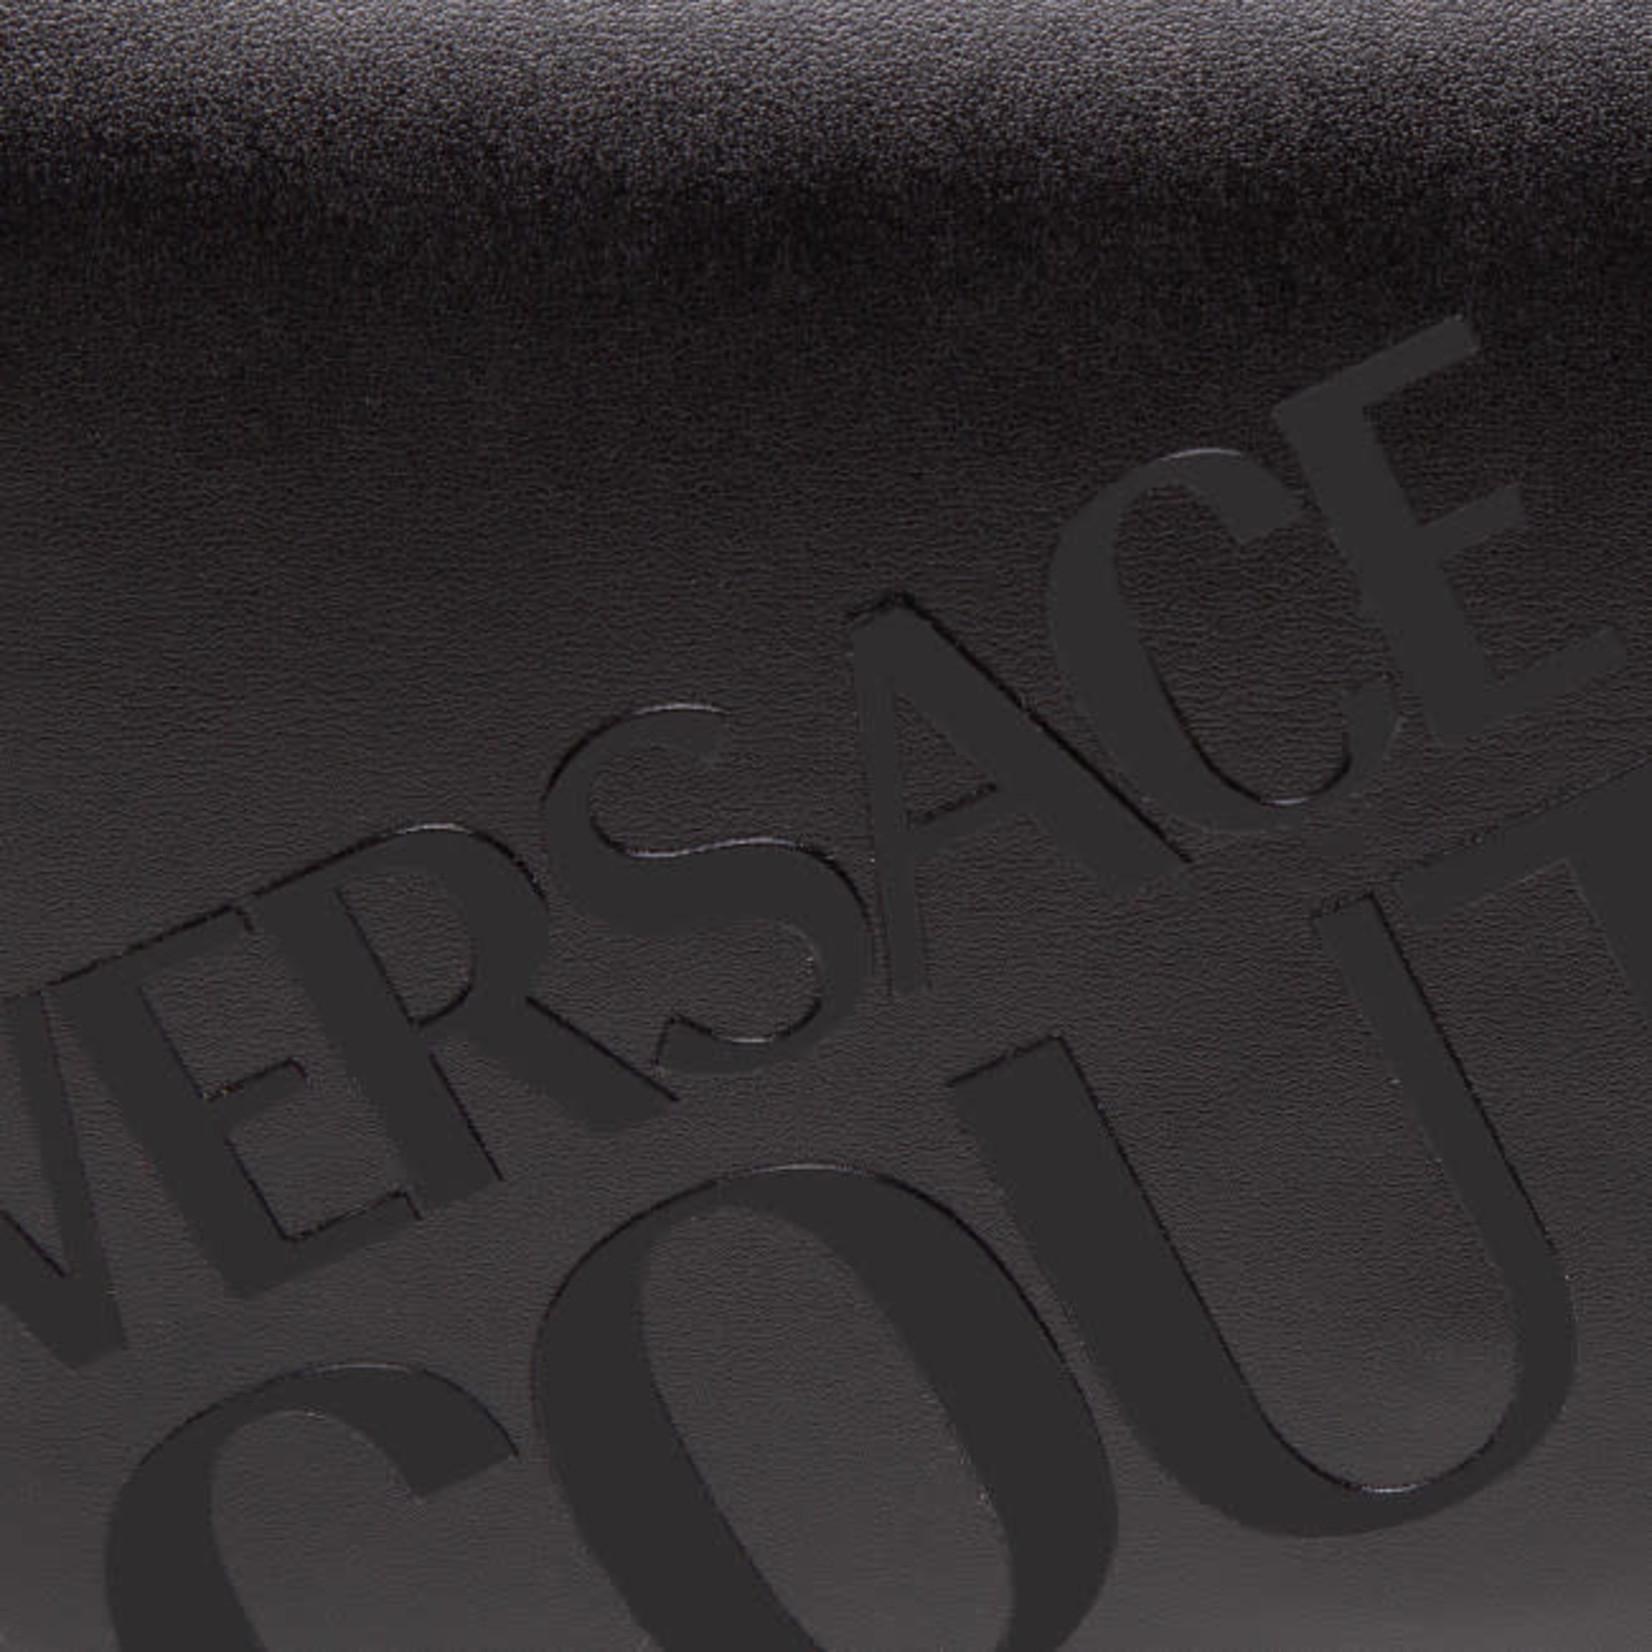 VERSACE JEANS COUTURE VERSACE JEANS COUTURE LINEA A E1VWABA2 - BLACK